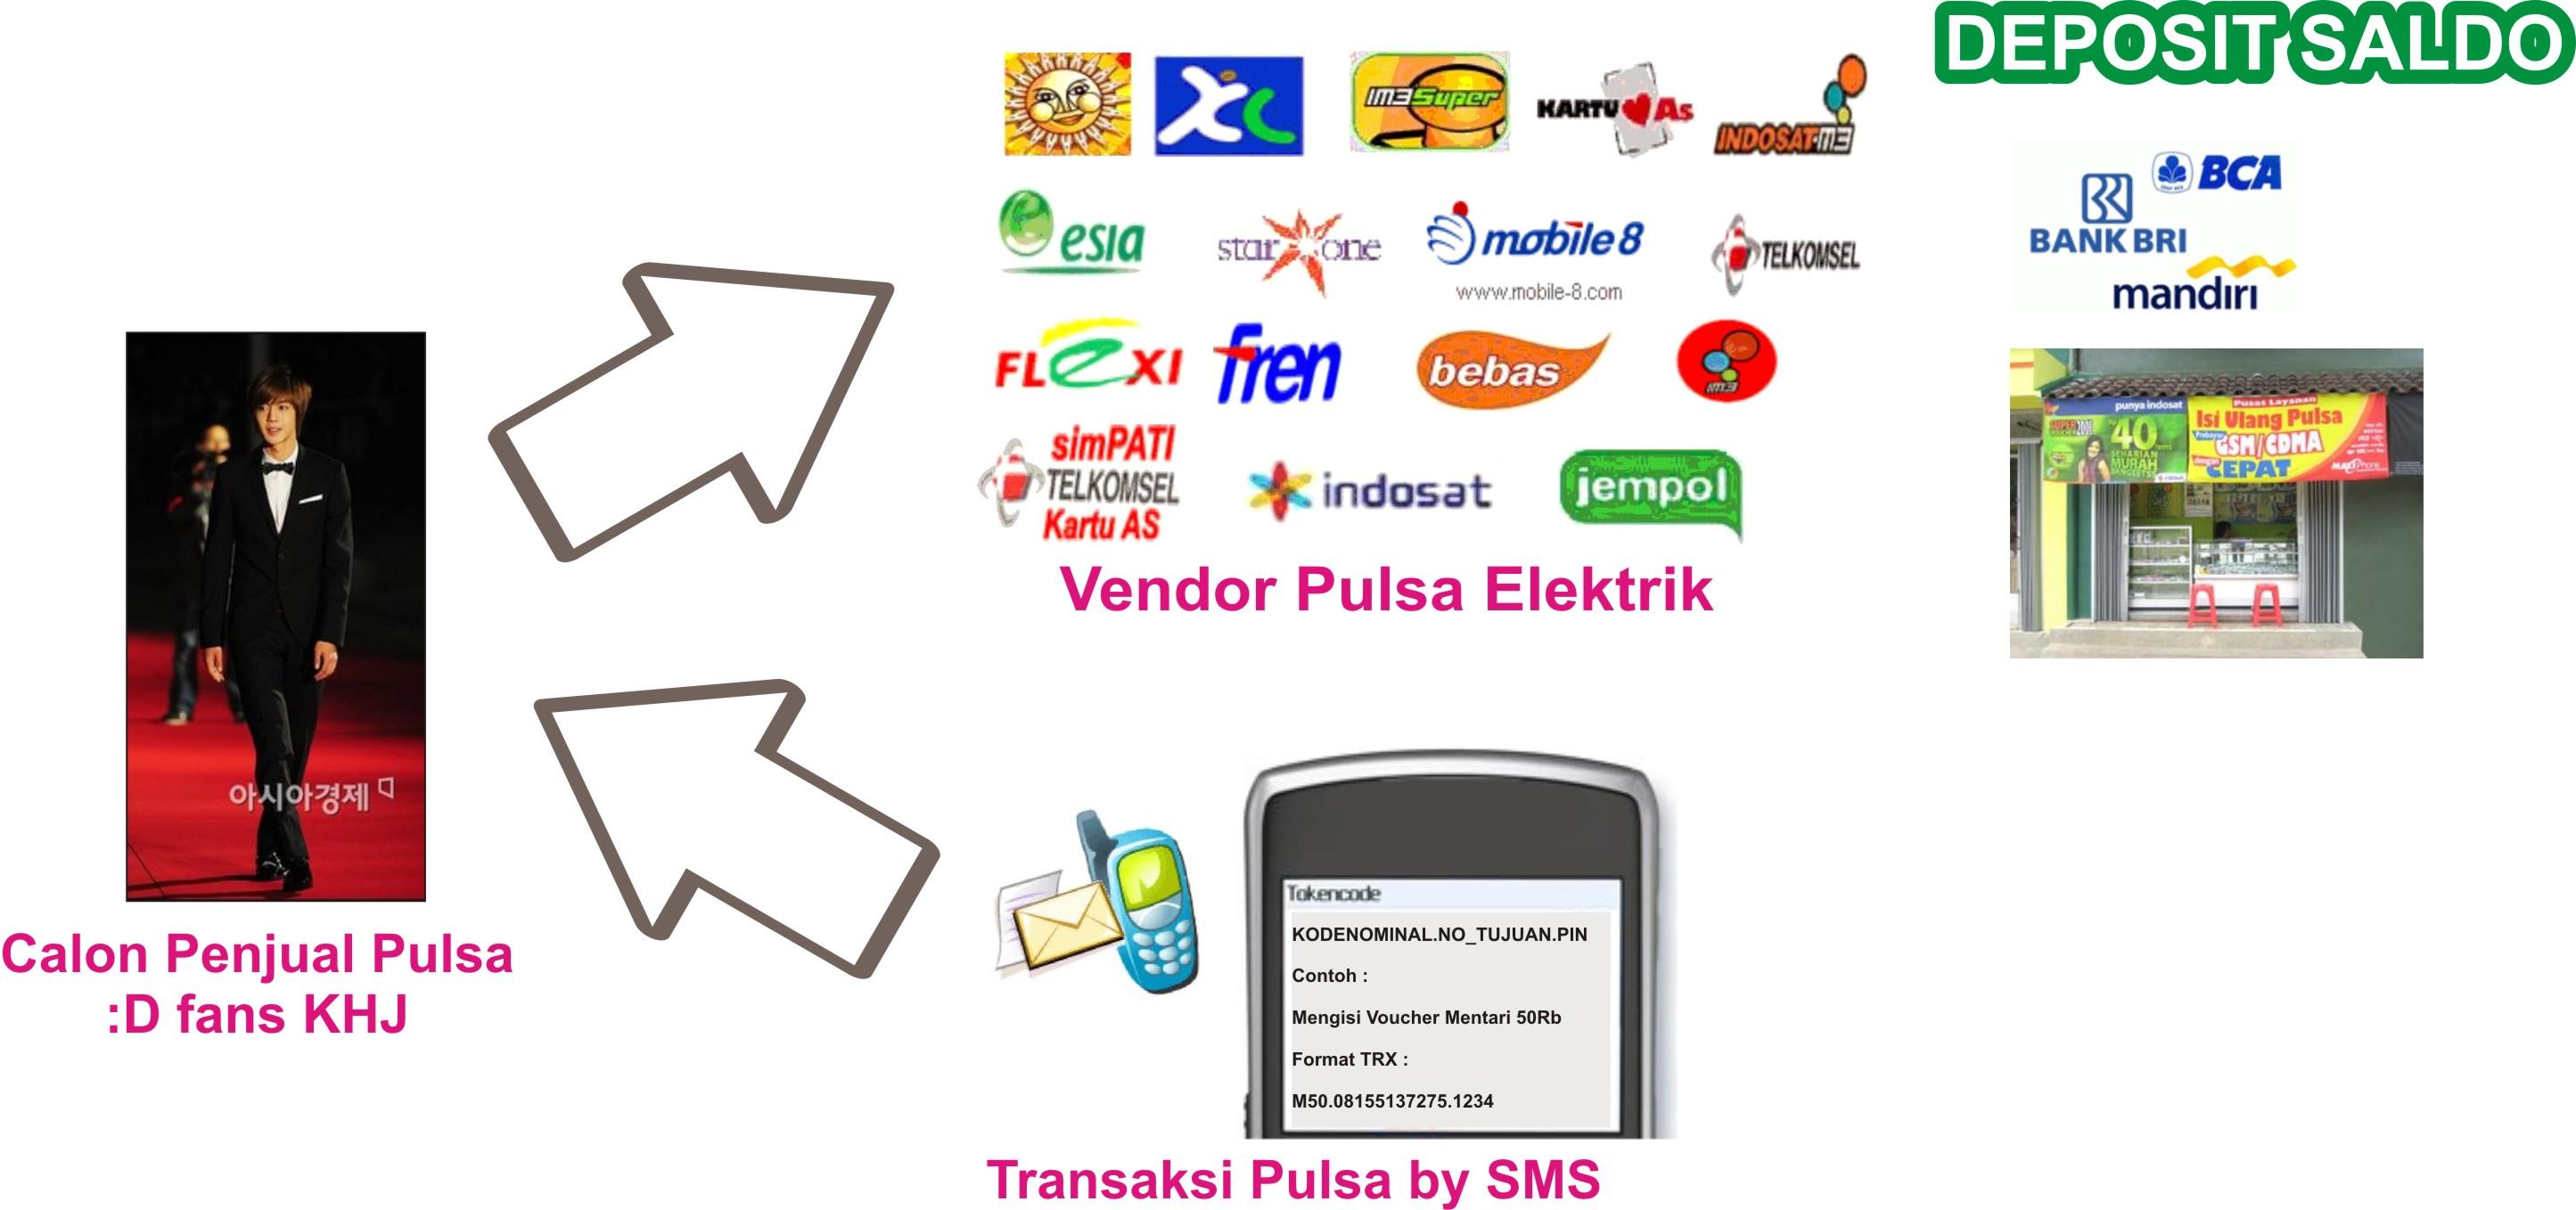 Image Result For Agen Pulsa Elektrik Termurah Bekasi